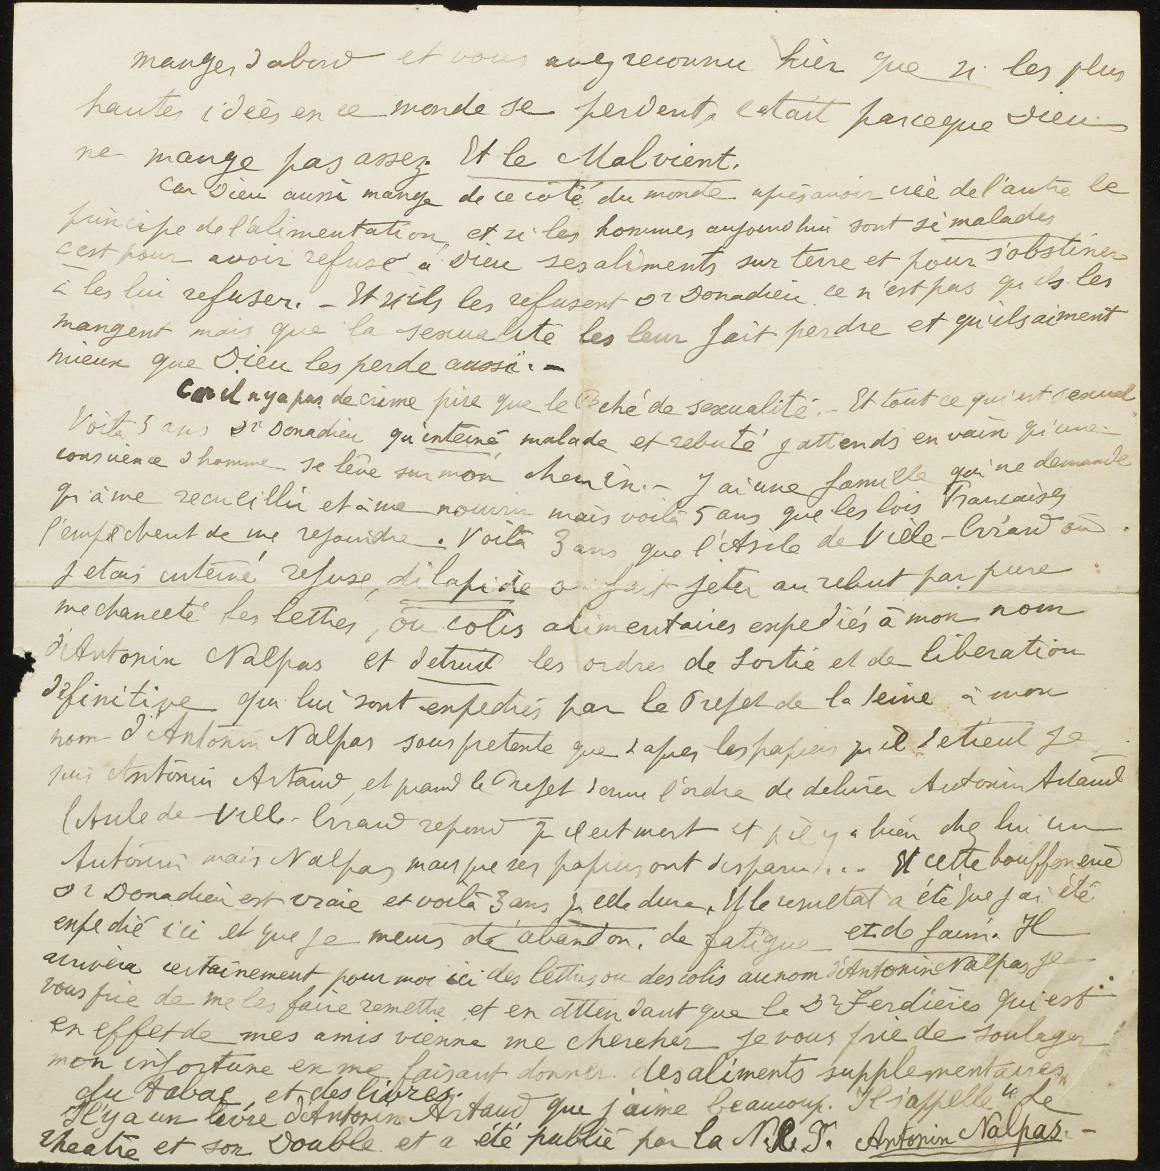 """ARTAUD, Antonin (1896-1948). Deux lettres autographes signées """"Antonin Nalpas"""" adressées au docteur Donnadieu, médecin-chef de l'hôpital psychiatrique de Chezal-Benoît."""